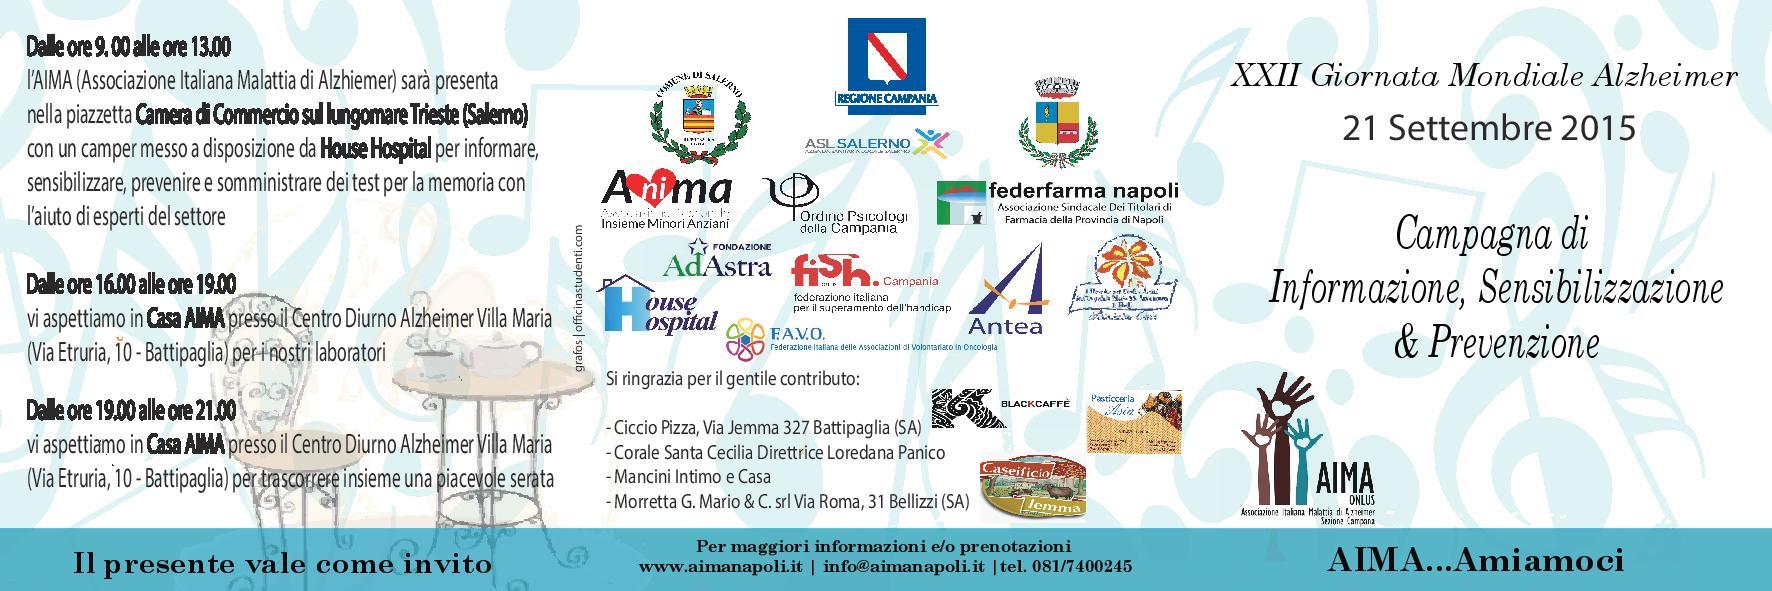 Giornata Mondiale Alzheimer 2015 Salerno